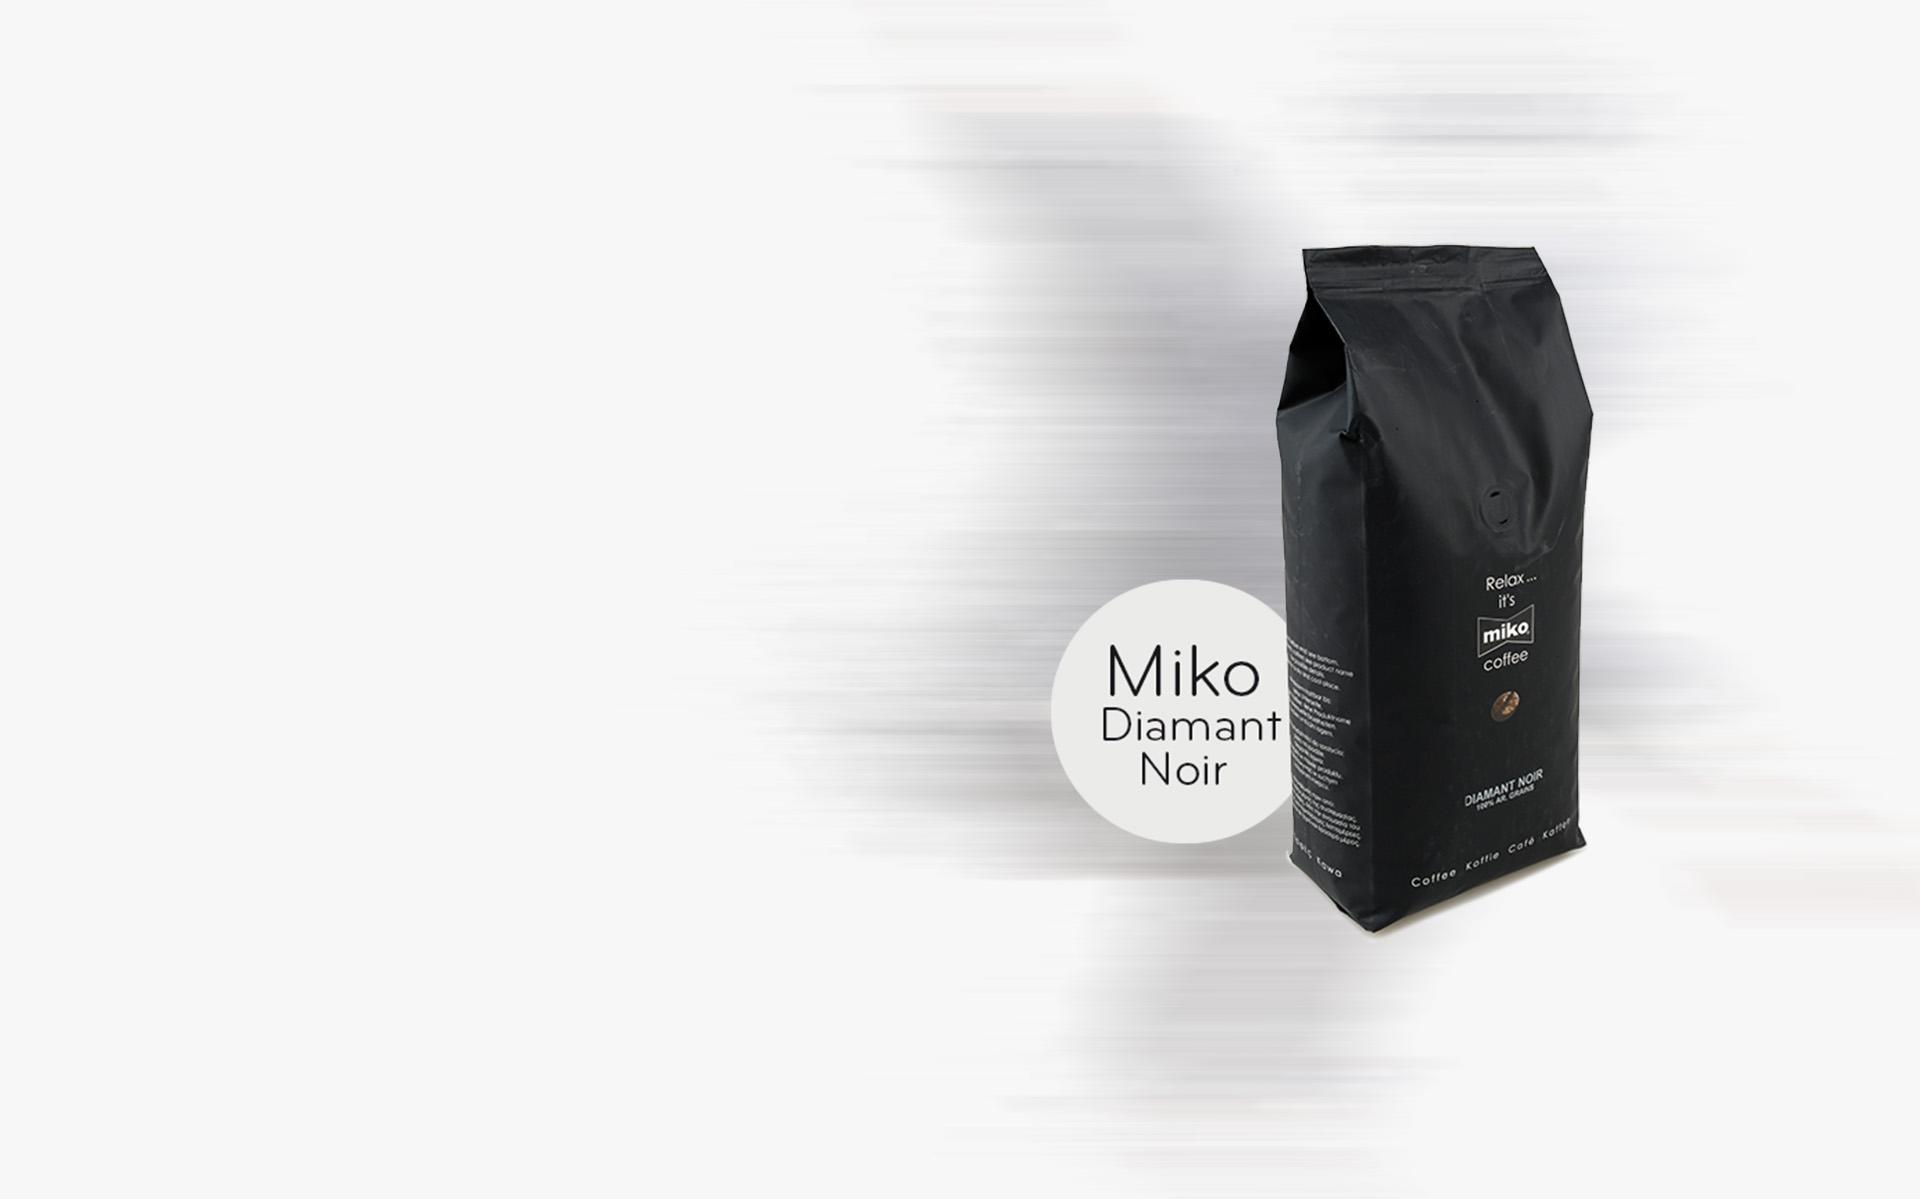 Miko Diamant Noir